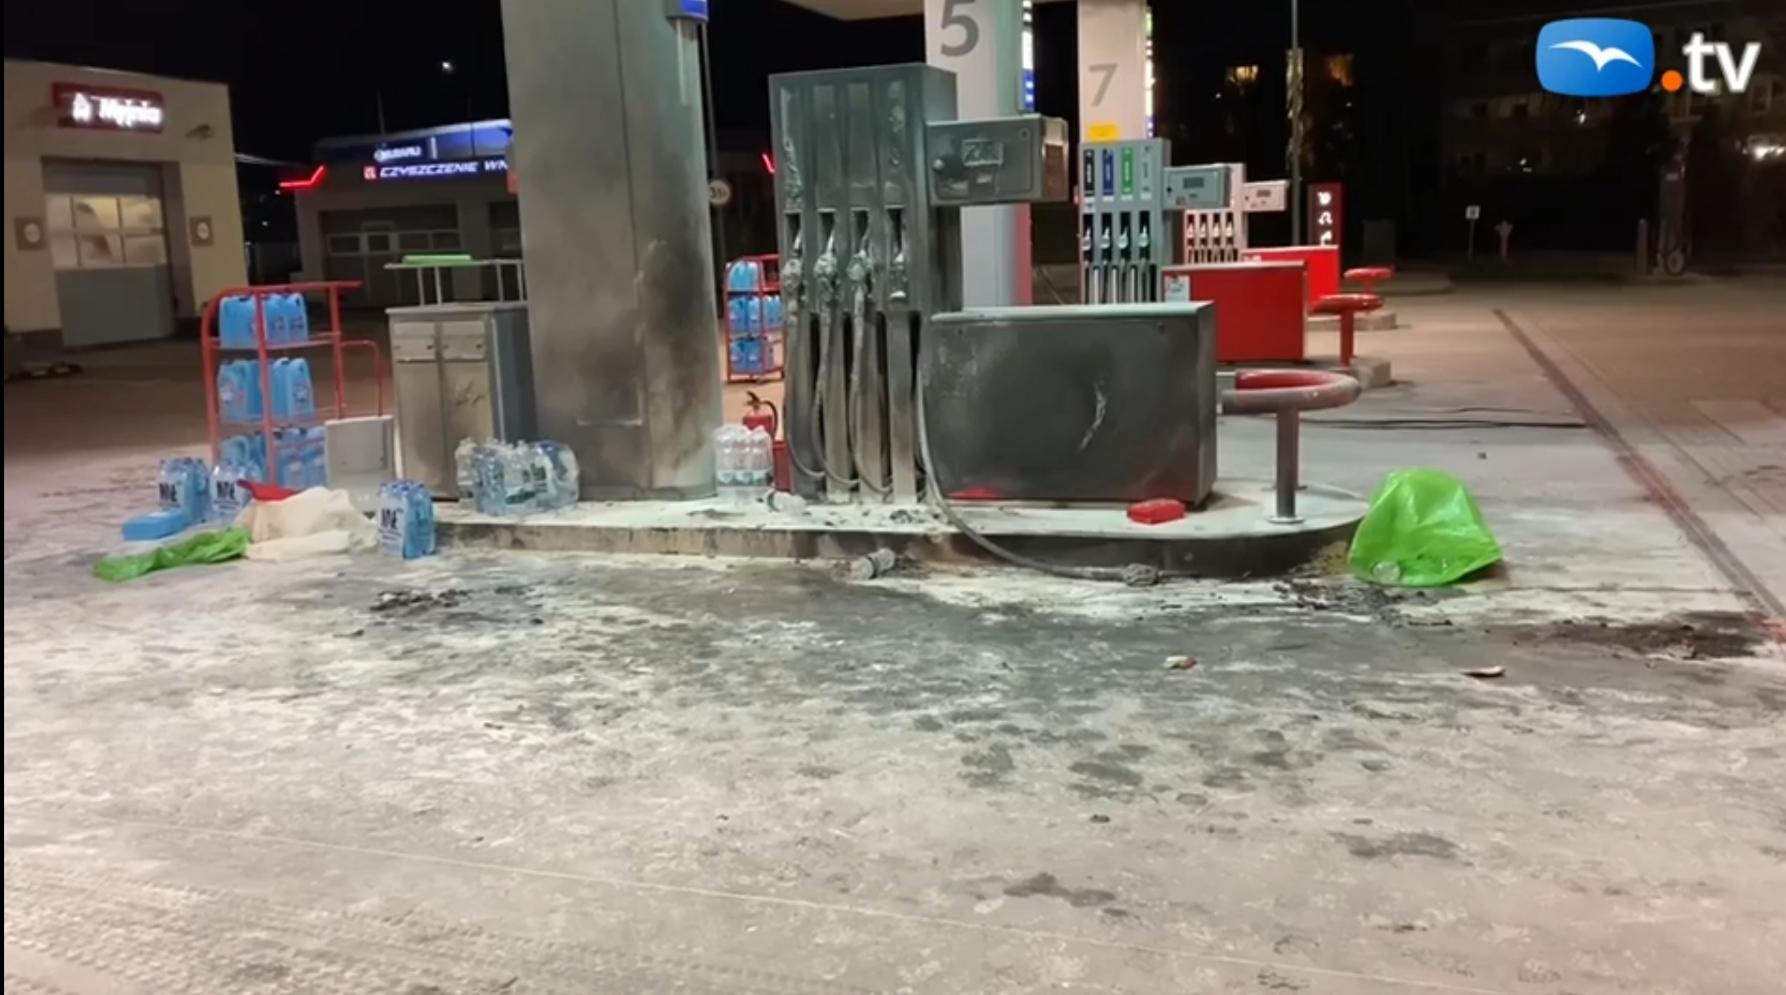 Z KRAJU: Samospalenie na stacji benzynowej! Czy zdarzenie ma związek z morderstwem?[WIDEO] - Zdjęcie główne